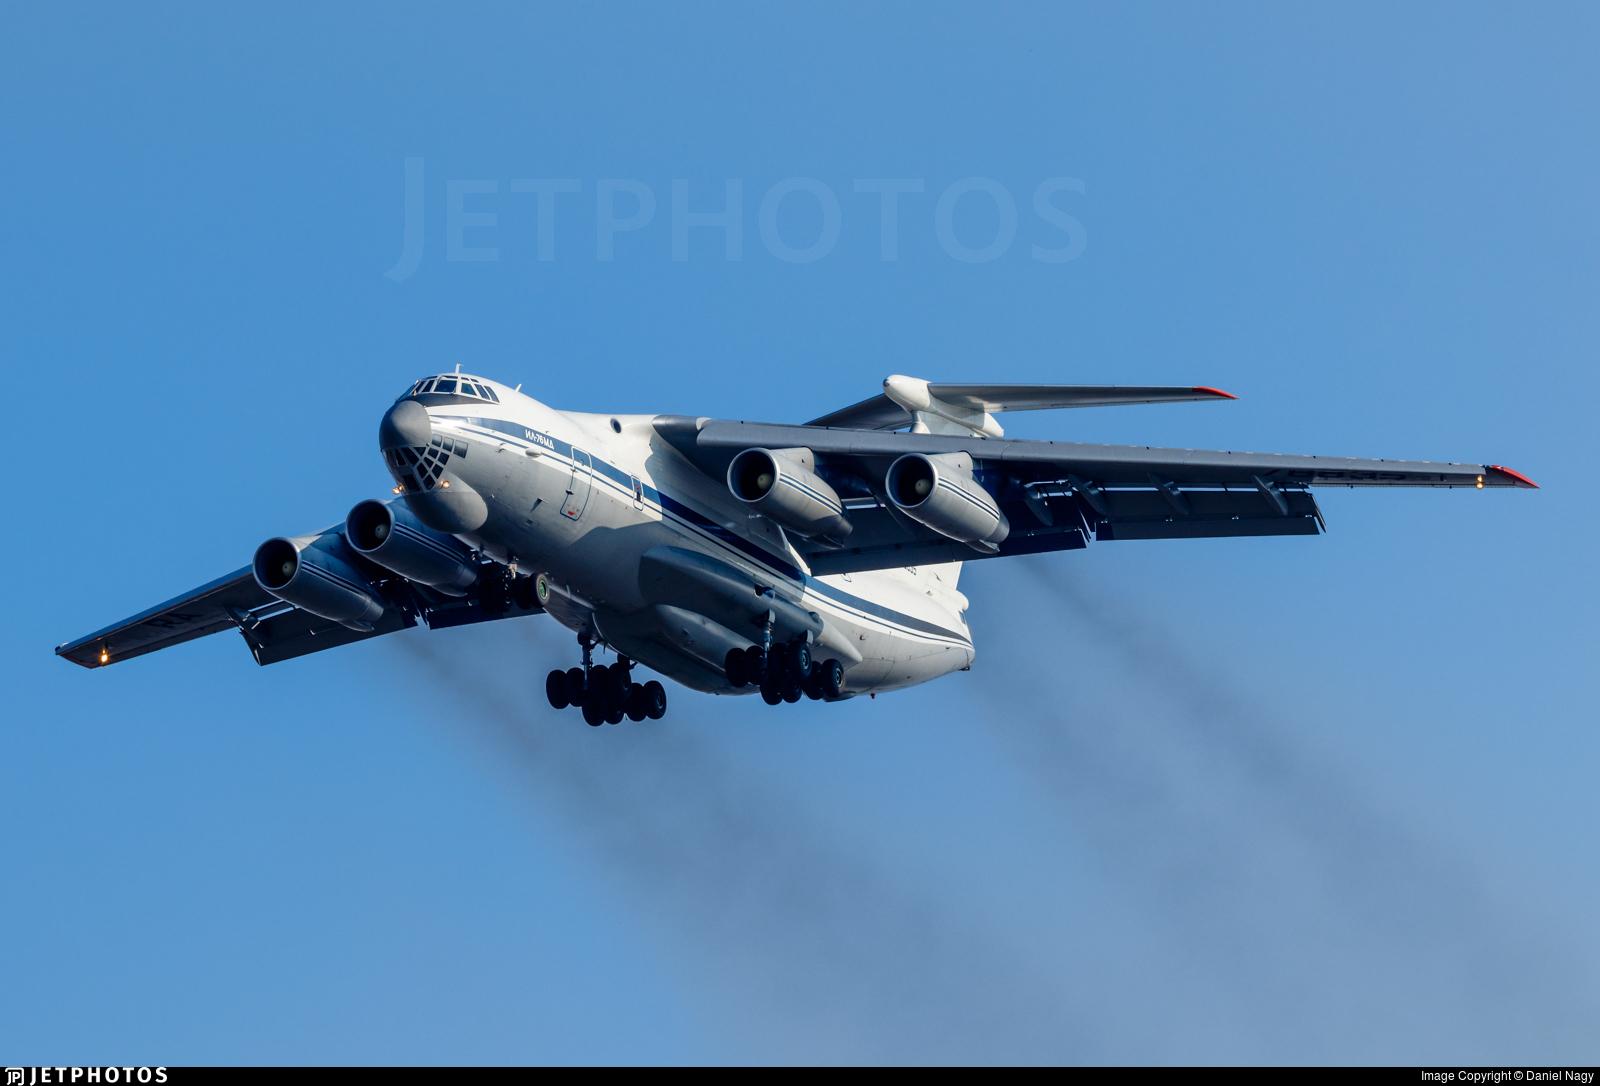 RA-78835 - Ilyushin IL-76MD - Russia - 224th Flight Unit State Airline